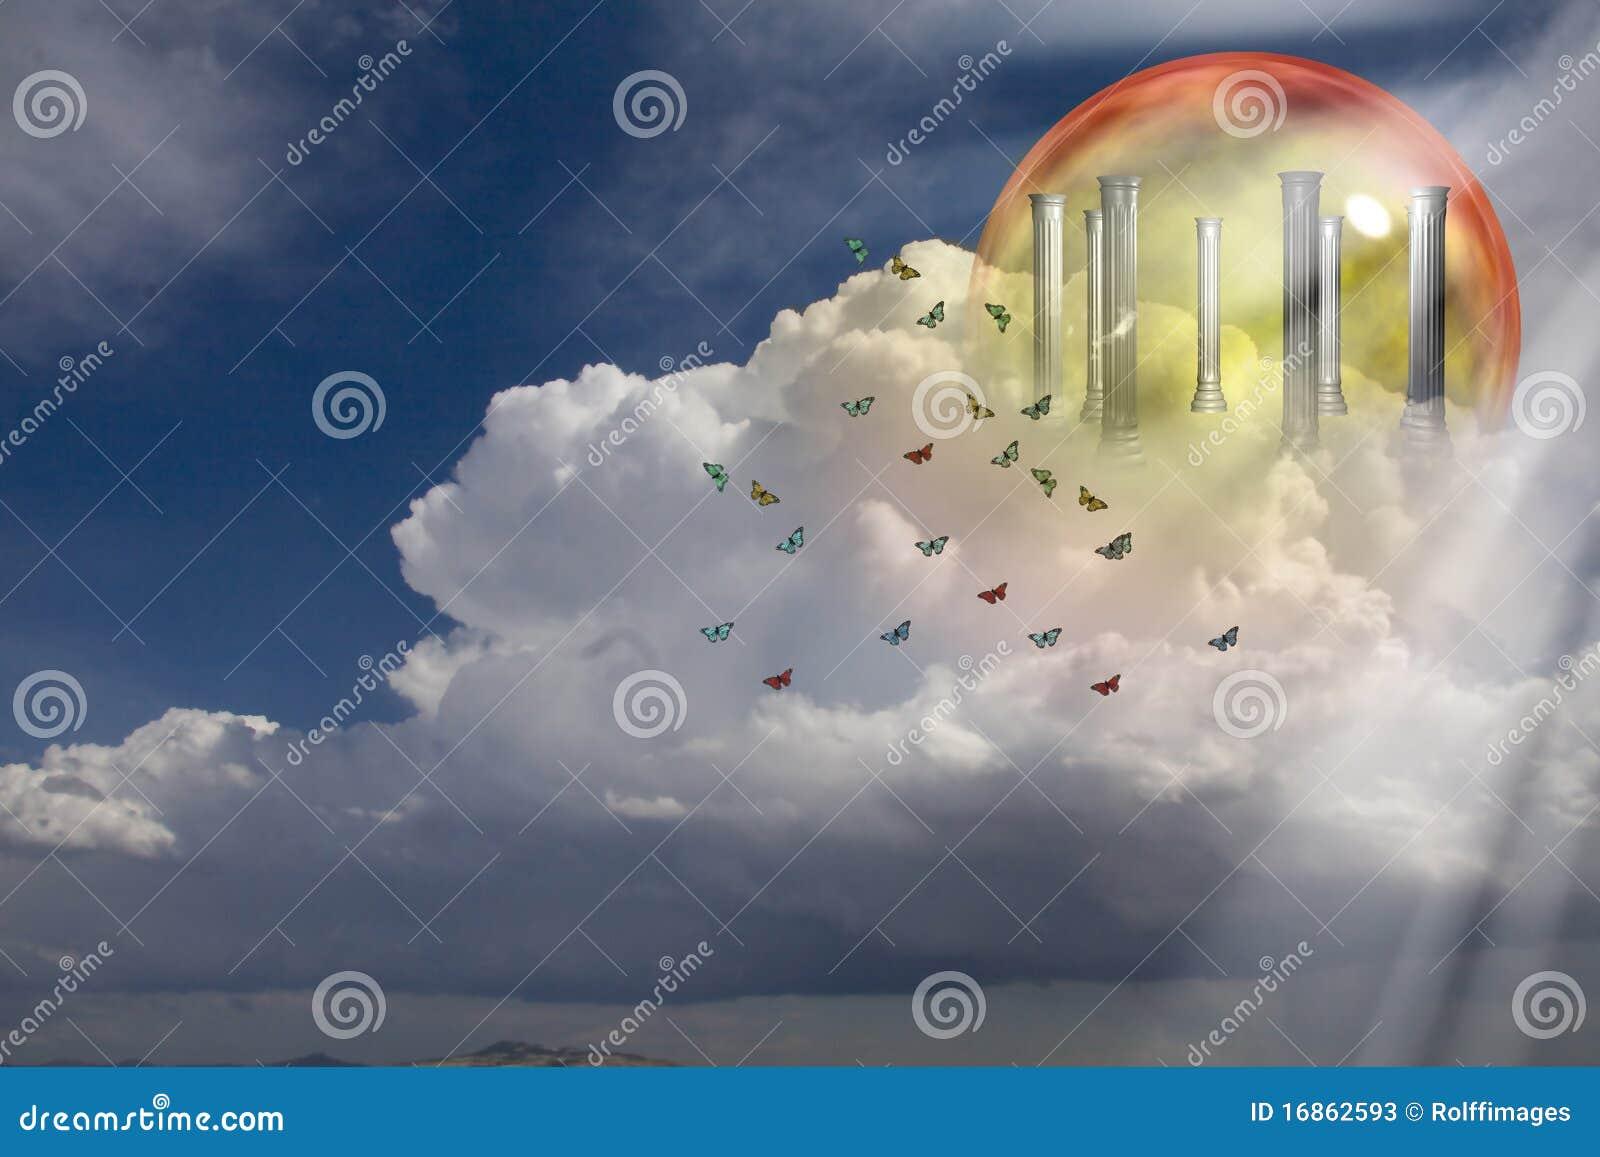 Colunas gregas em nuvens